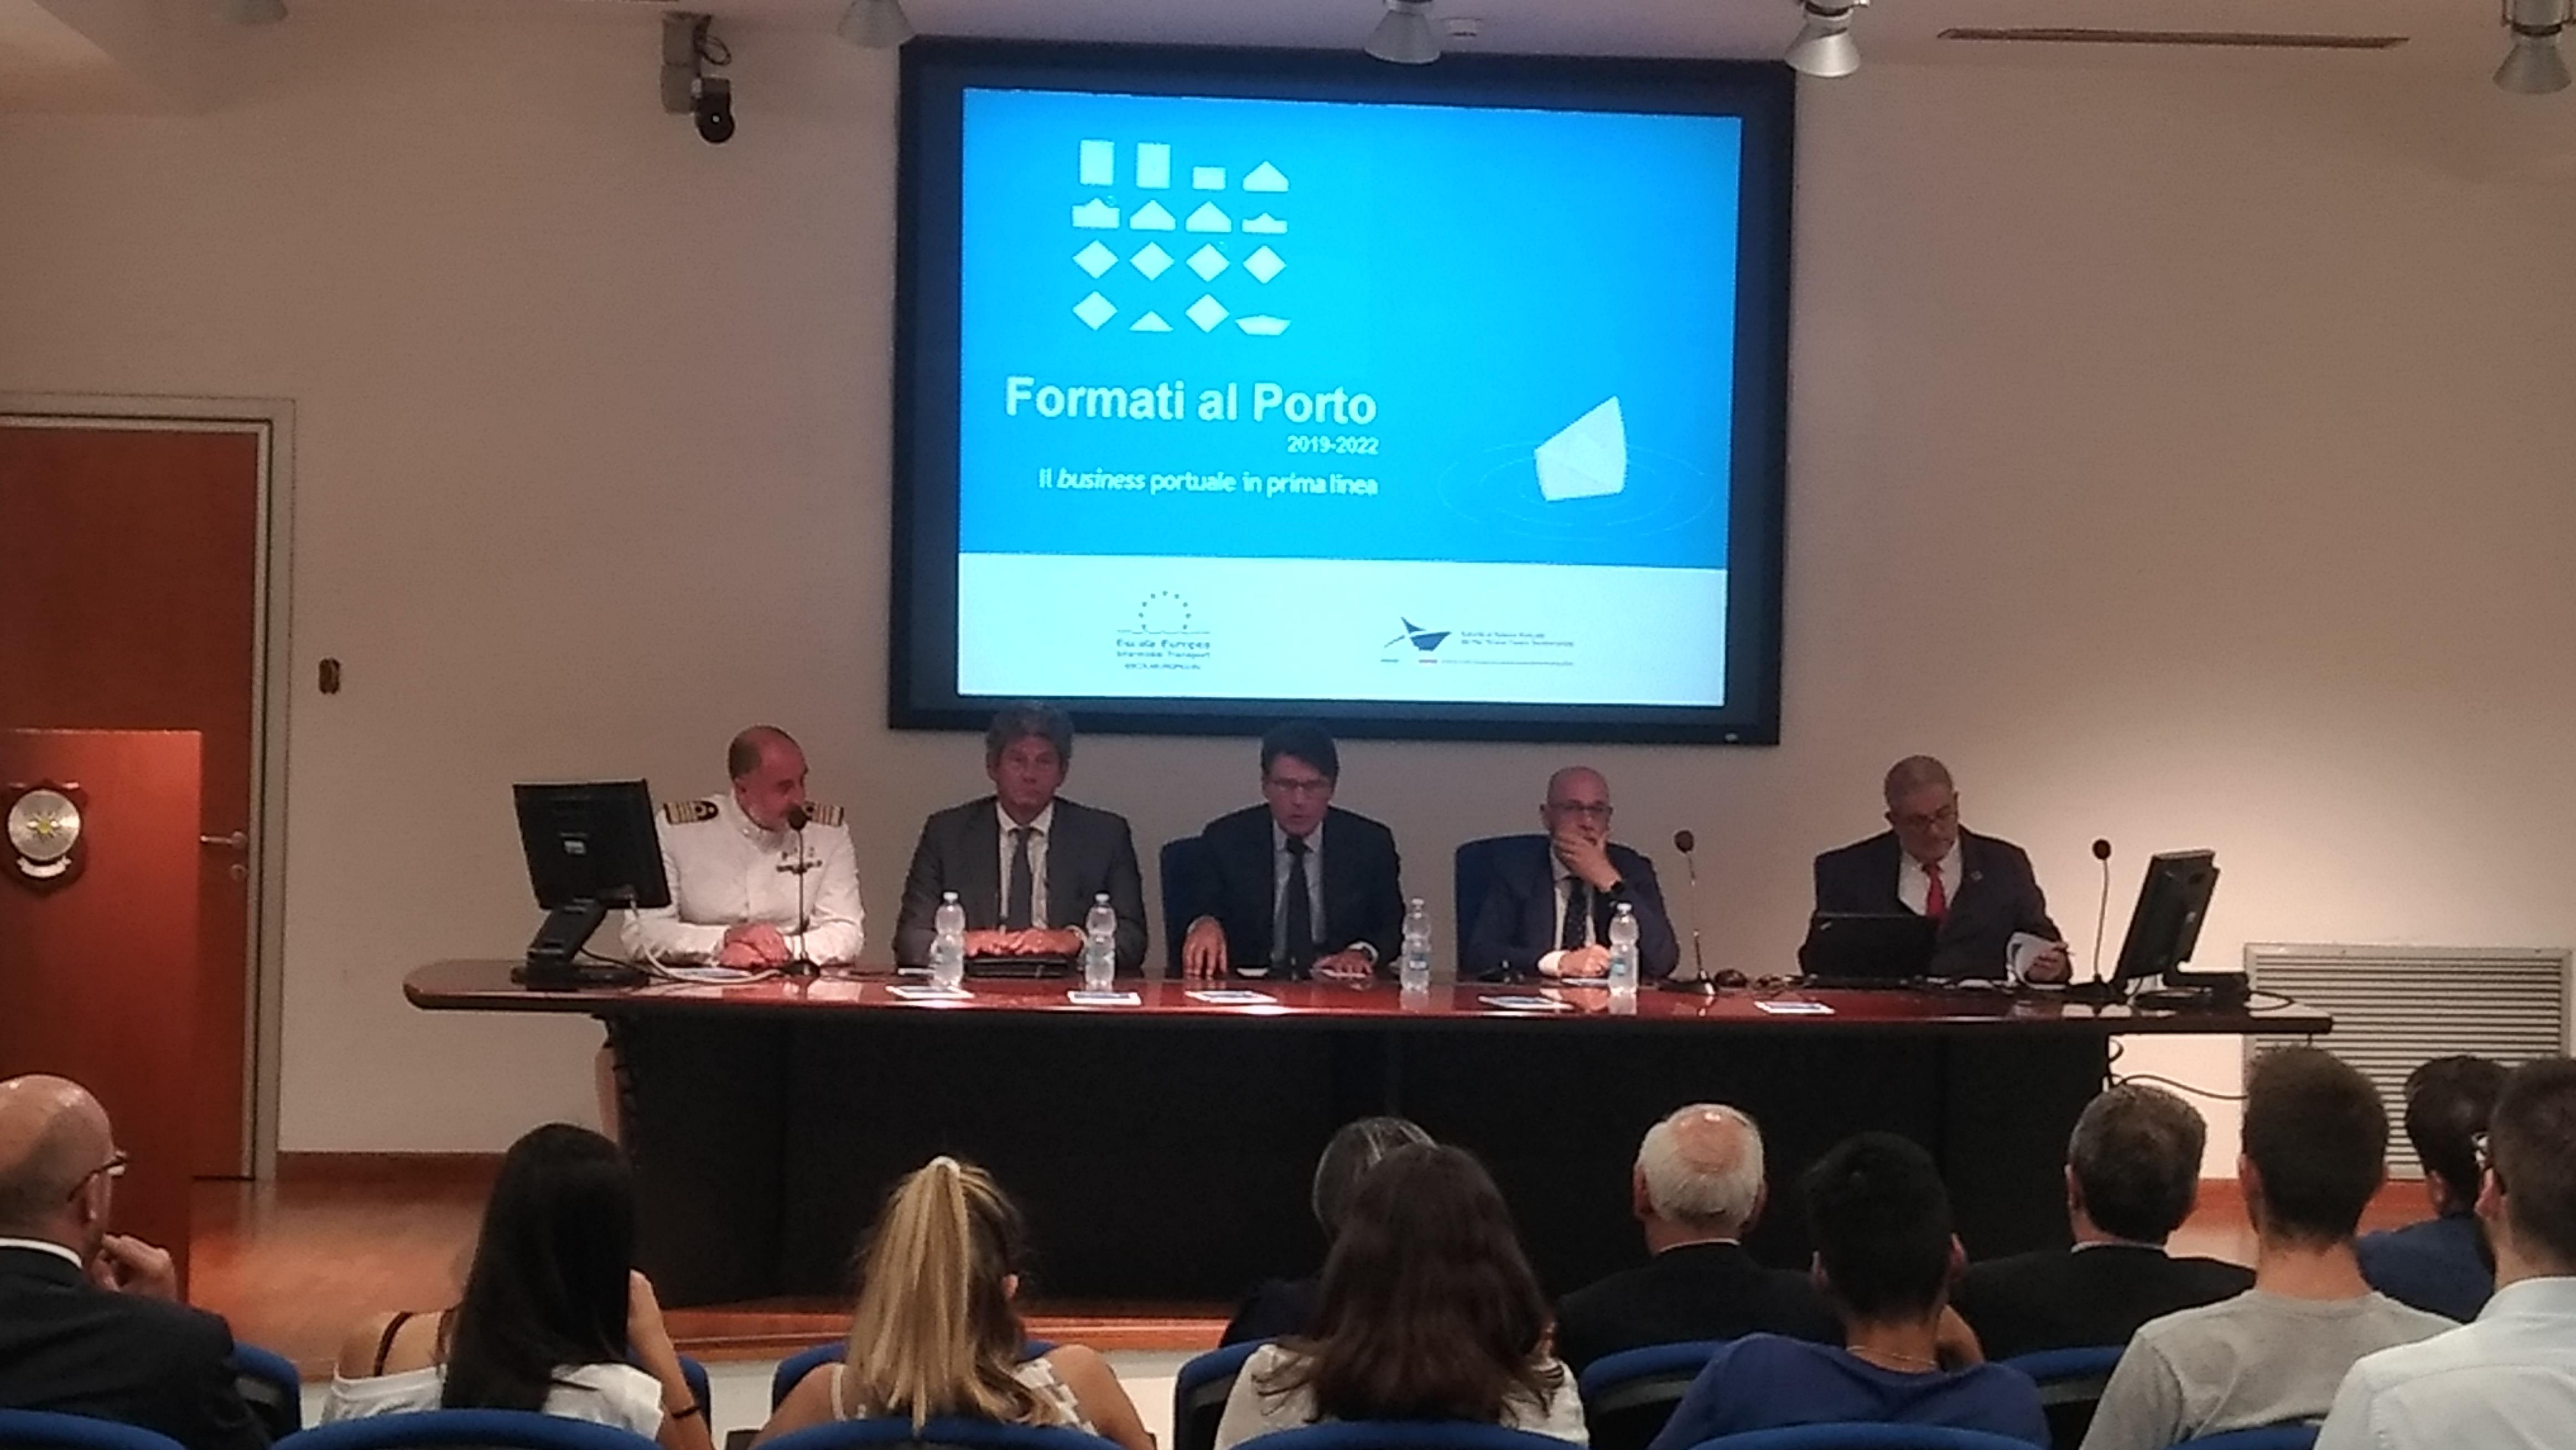 """Escola Europea Intermodal Transport e Autorità di Sistema Portuale del Mar Tirreno Centro Settentrionale insieme per il progetto """"Formati al Porto"""""""